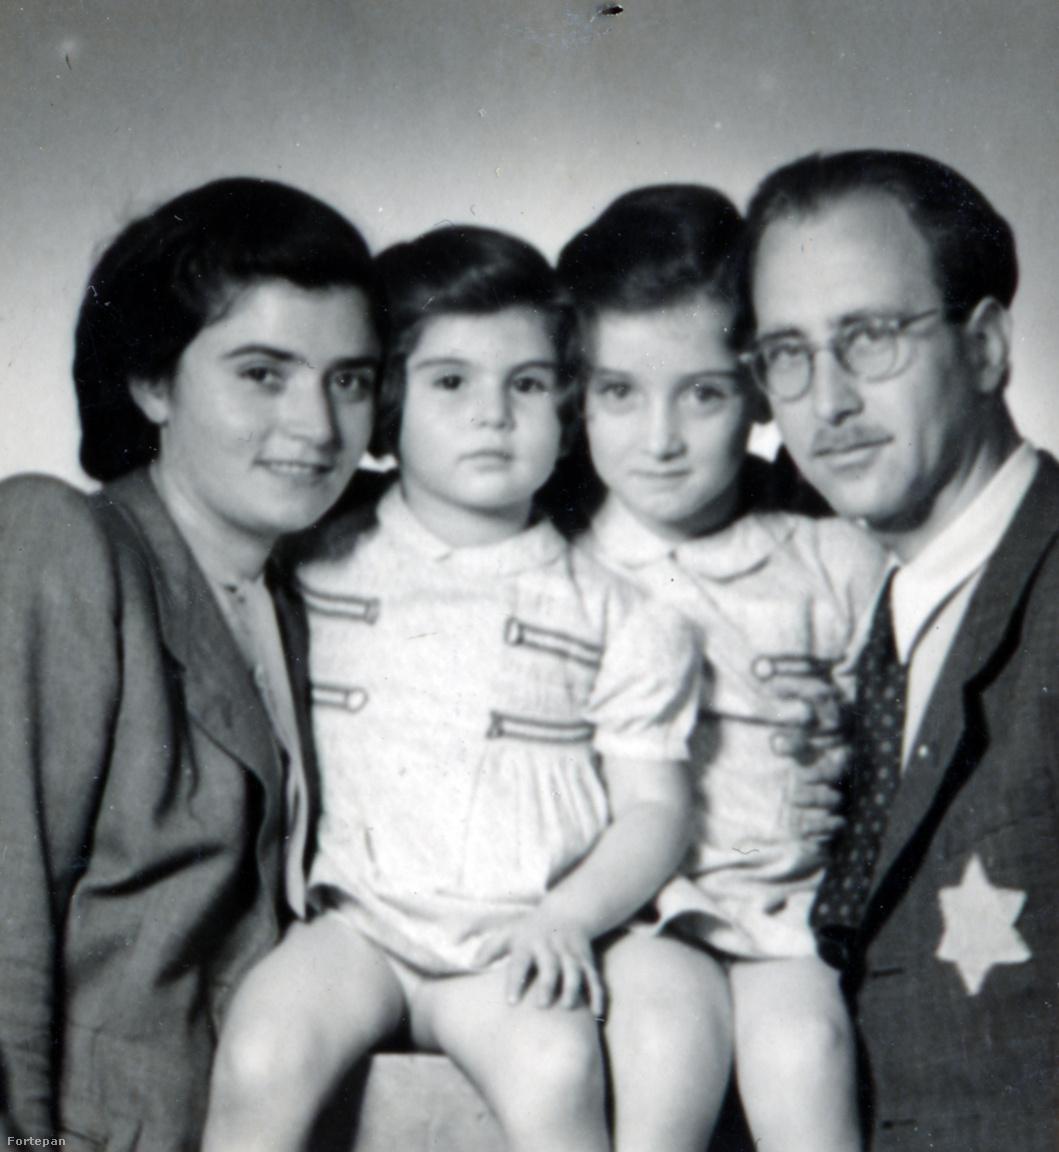 """Családi kép sárga csillaggal 1944-ből""""Mami [Rut] megmagyarázta, hogy csillagot fogunk hordani mindnyájan, mert különböző emberek vannak és mi meg a barátaink, hogy megismerjük egymást és össze ne tévesszenek bennünket másokkal csillagot fogunk hordani""""– így próbálták a gyerekeknek megmagyarázni a magyarázhatatlant. Preisichék kikeresztelkedettként eleinte nem számítottak zsidónak, 1939-ben megszerezték az ausztrál Landing Permit-et, de végül Magyarországon maradtak. Svéd menlevél, kormányzói mentesség, leginkább a szerencse mentette meg őket."""